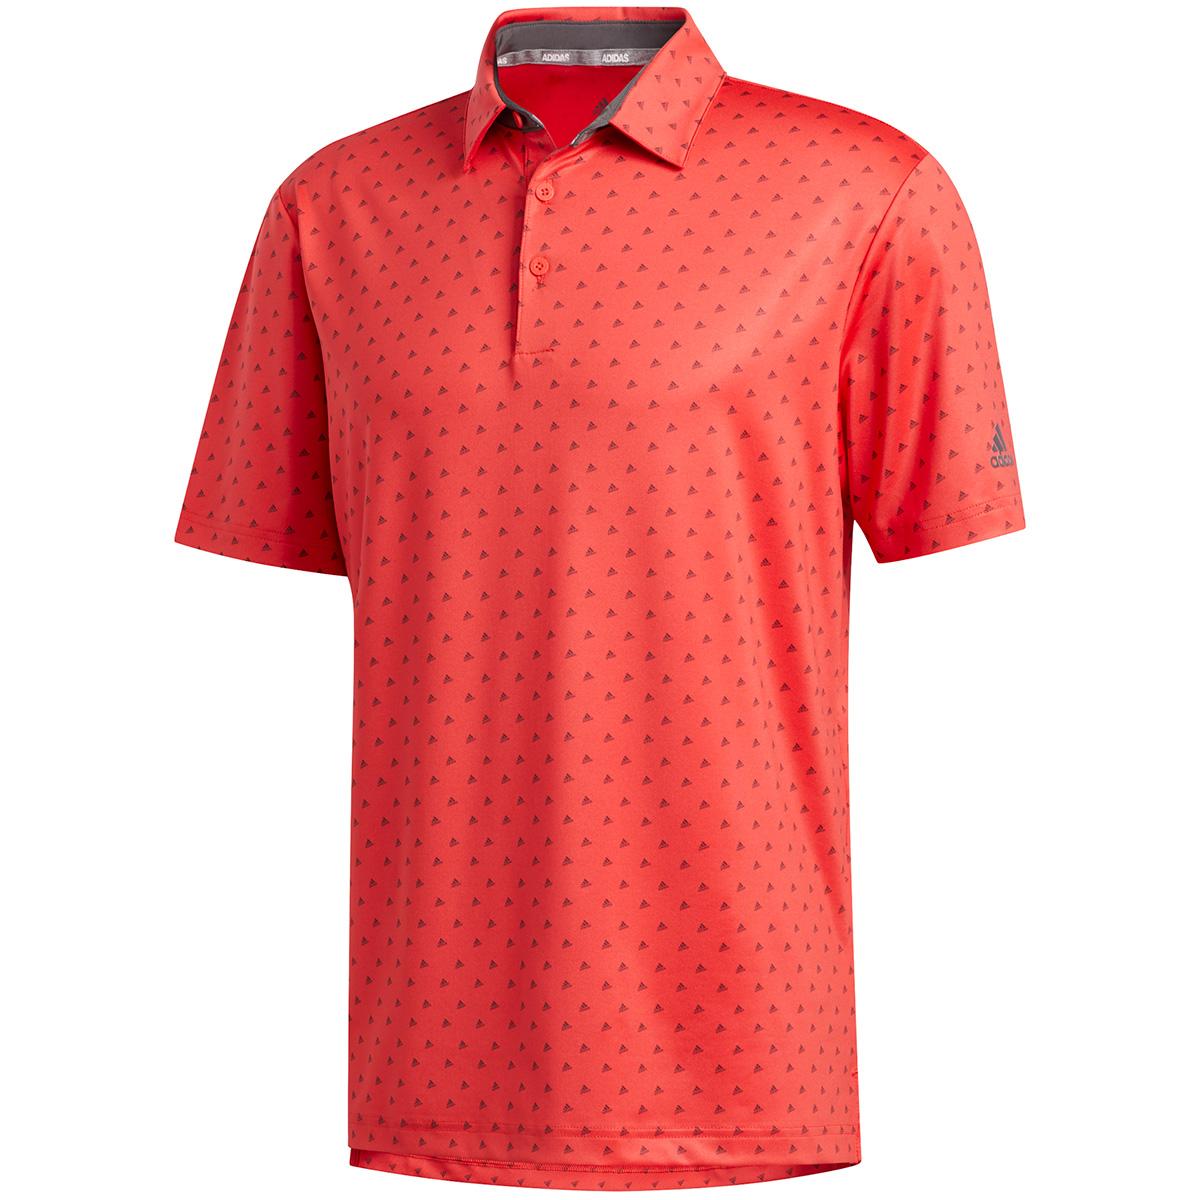 ULTIMATE365 BOSモノグラム 半袖ポロシャツ